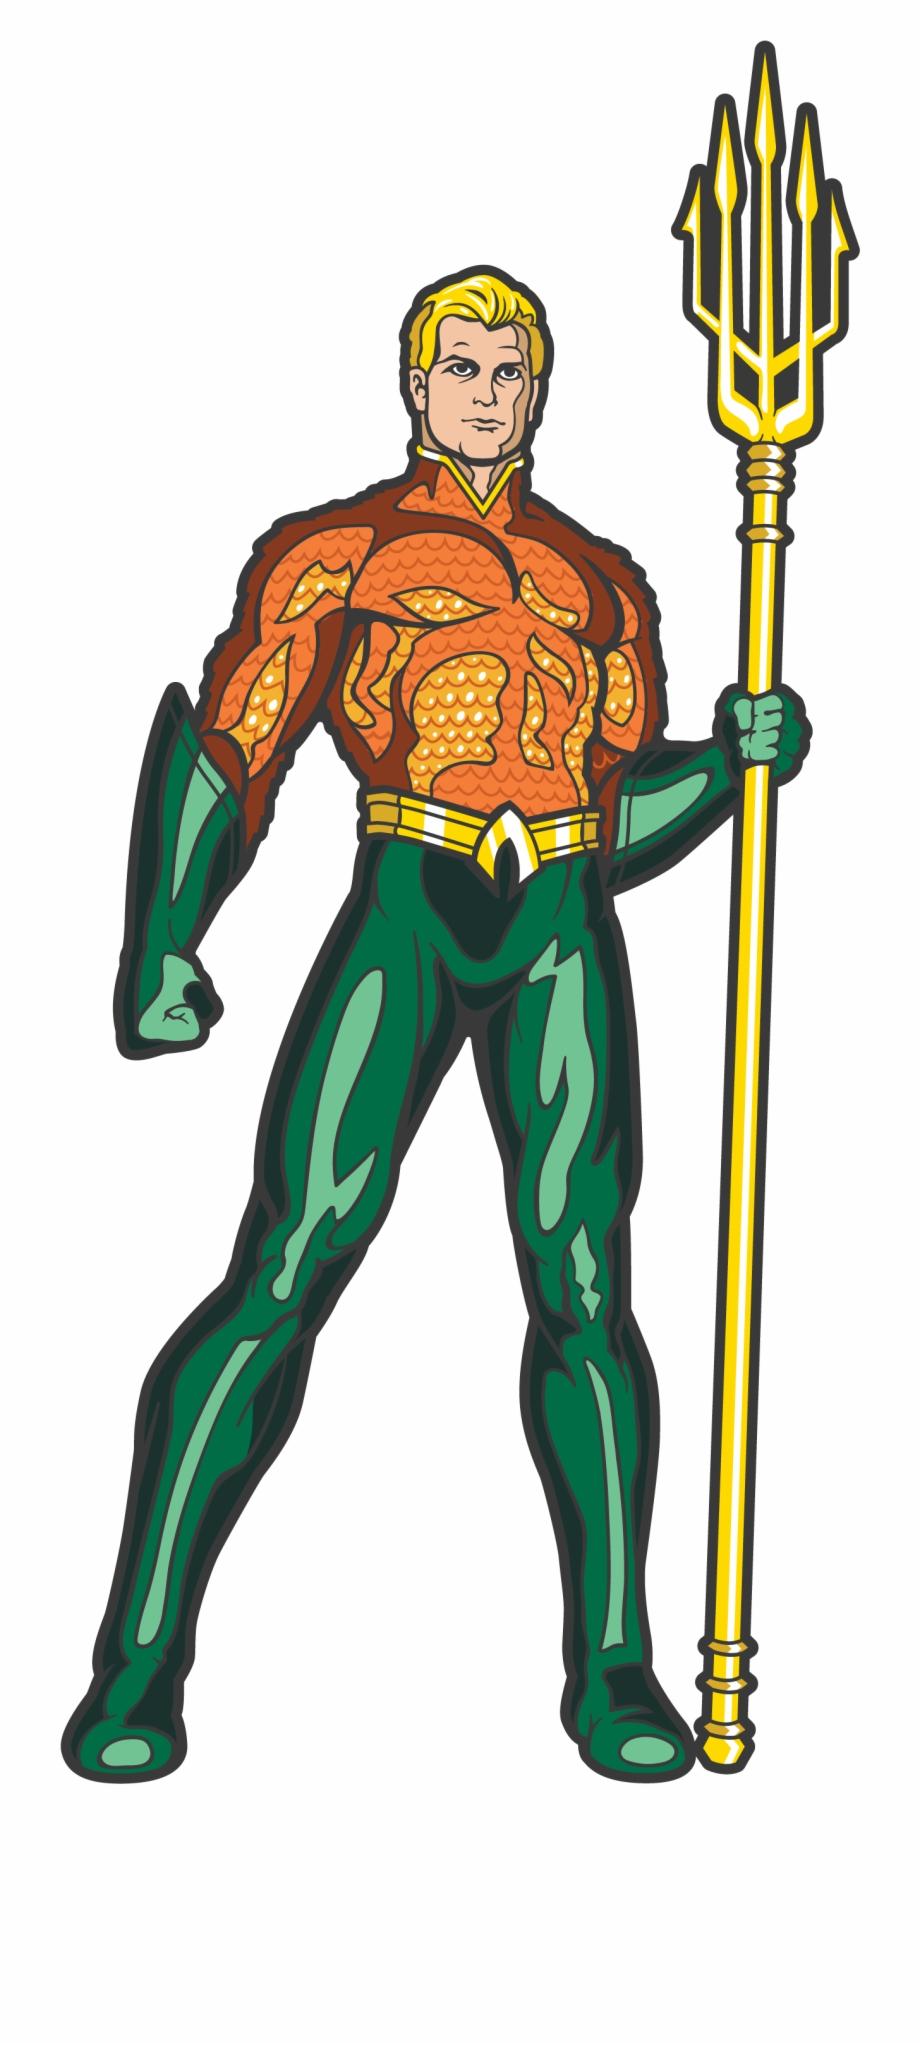 Free Aquaman Transparent, Download Free Clip Art, Free Clip Art on.